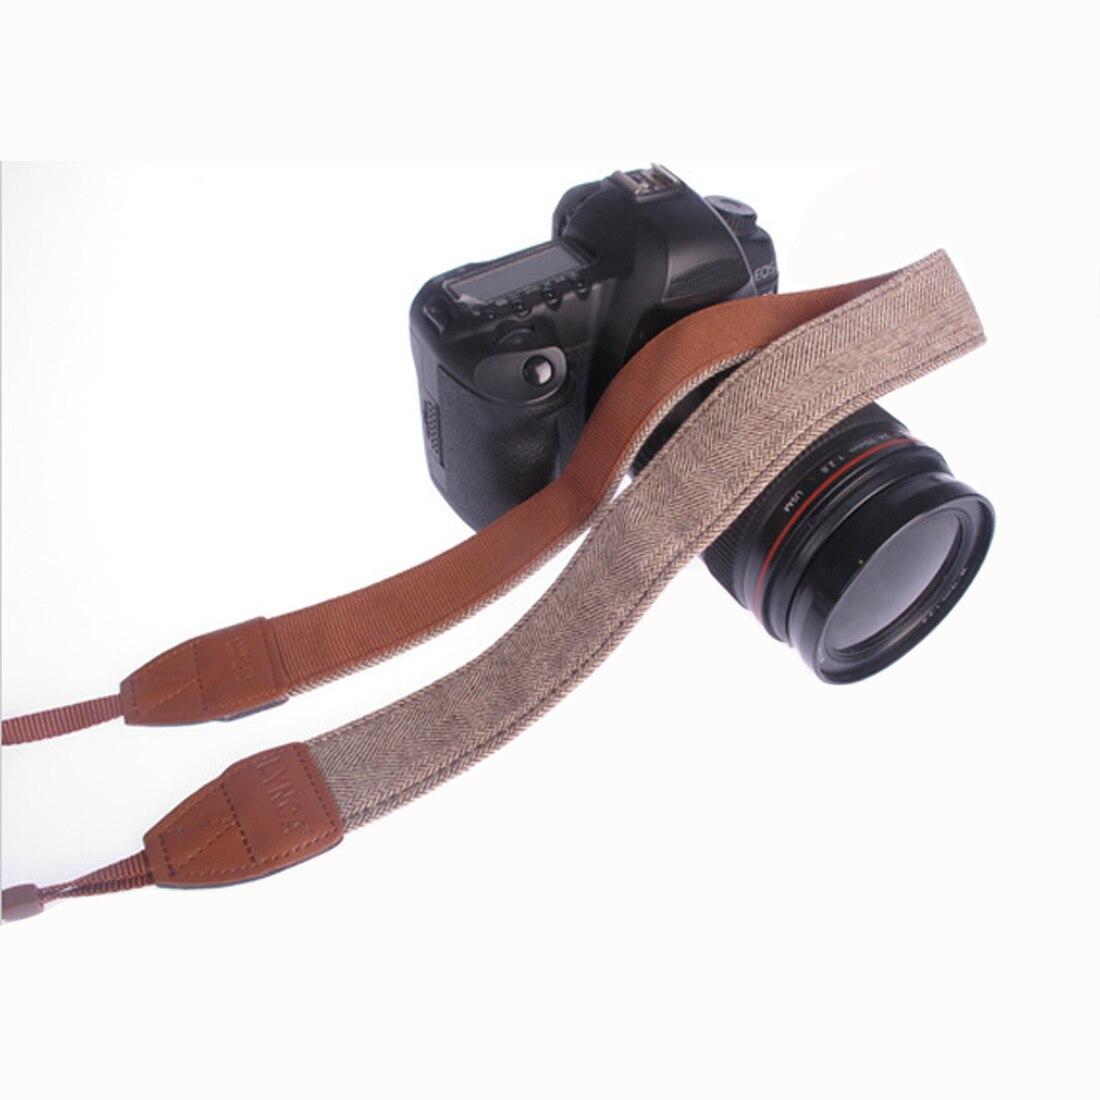 Centechia Universal Vintage Adjustable Cotton Leather Camera Shoulder Neck Strap Belt For Nikon SLR Cameras Strap Accessories